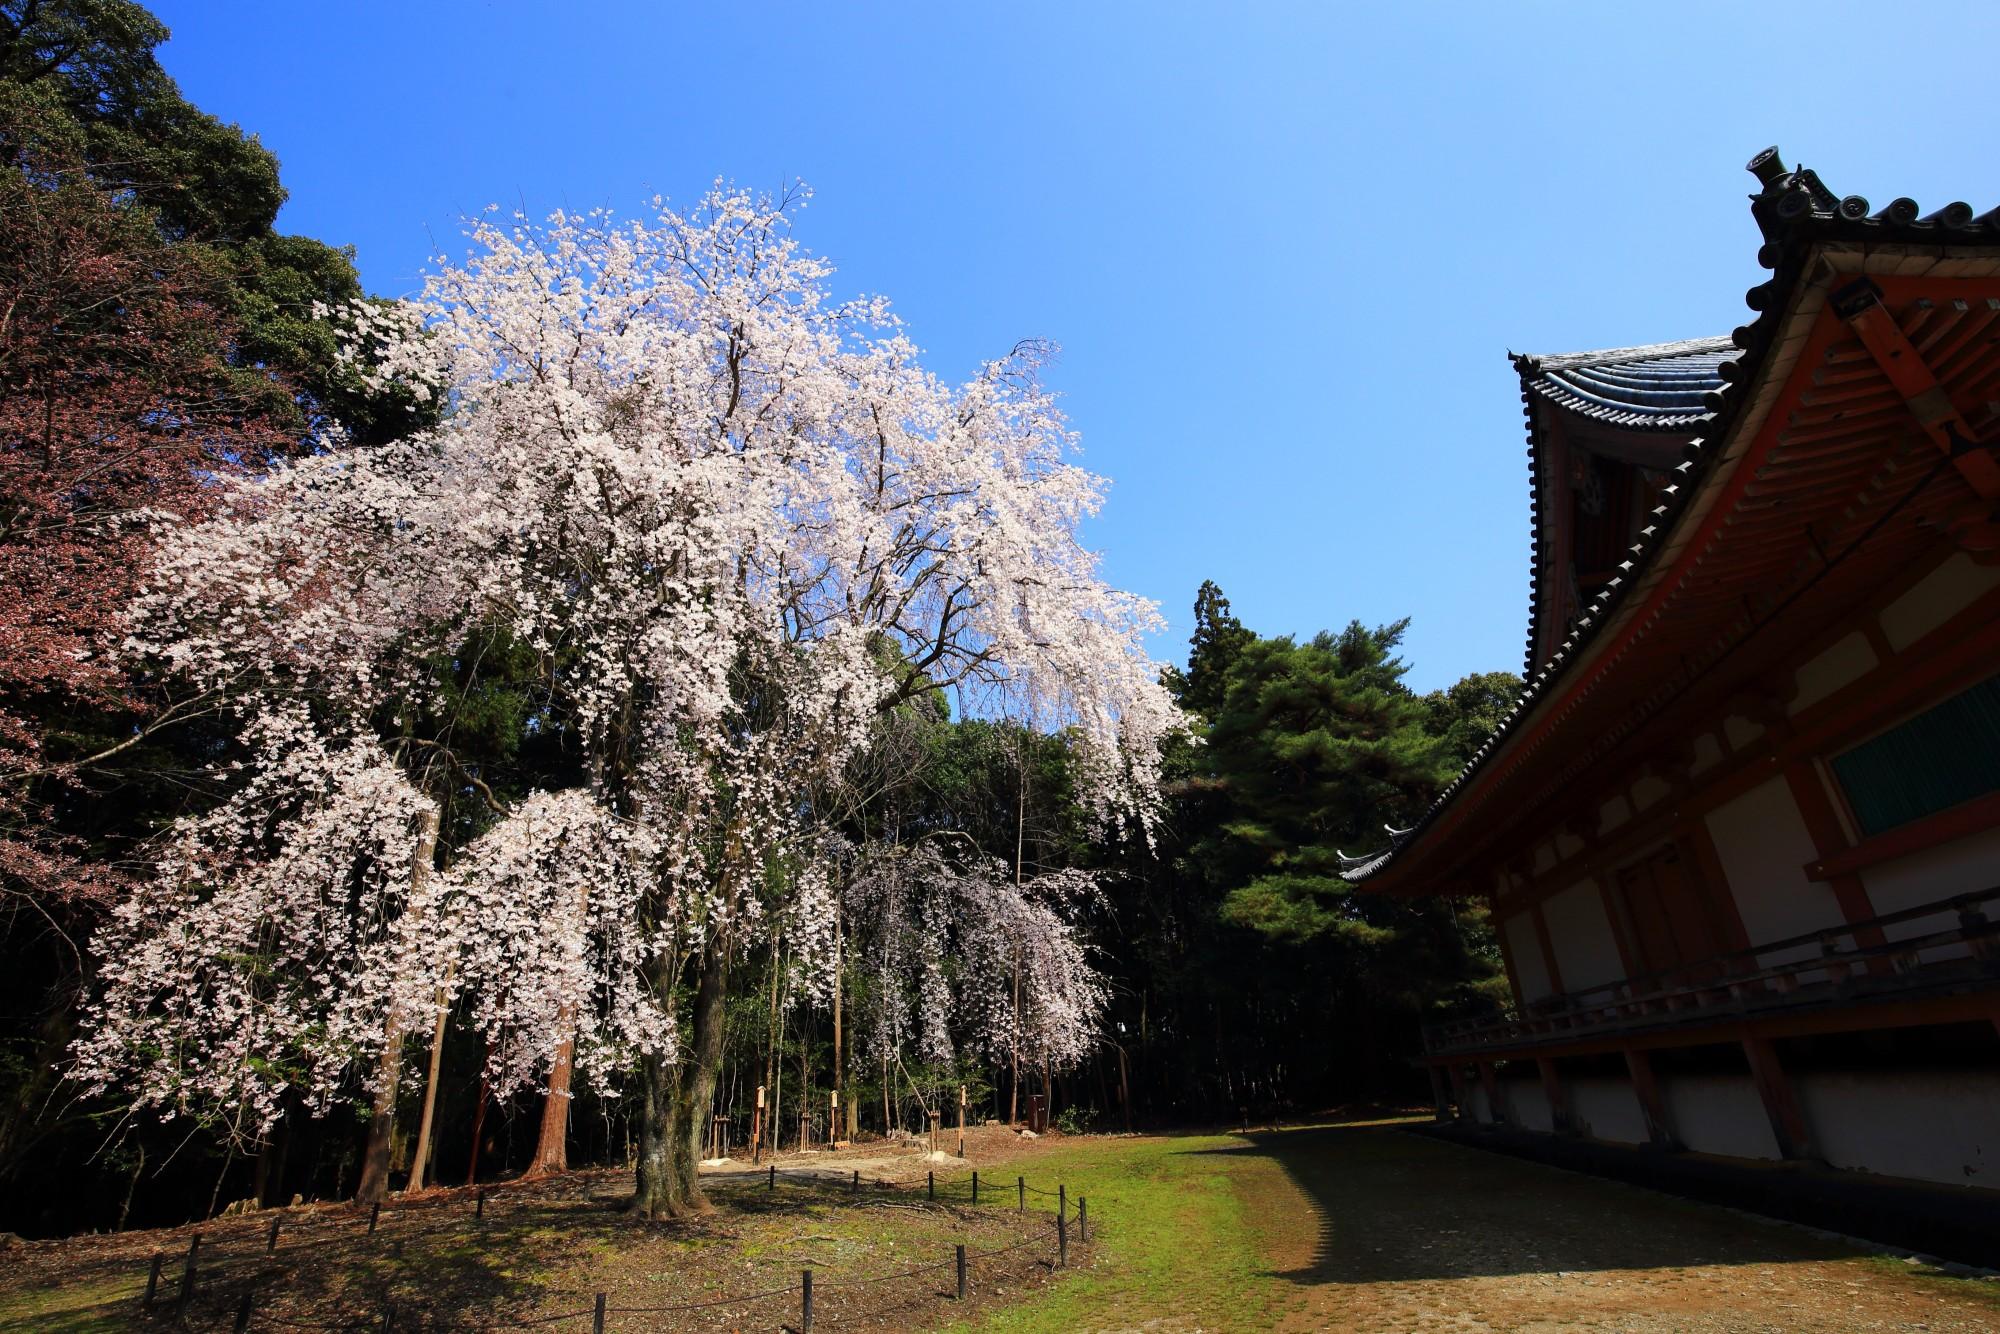 醍醐寺 桜 秀吉の醍醐の花見で有名な桜の名所